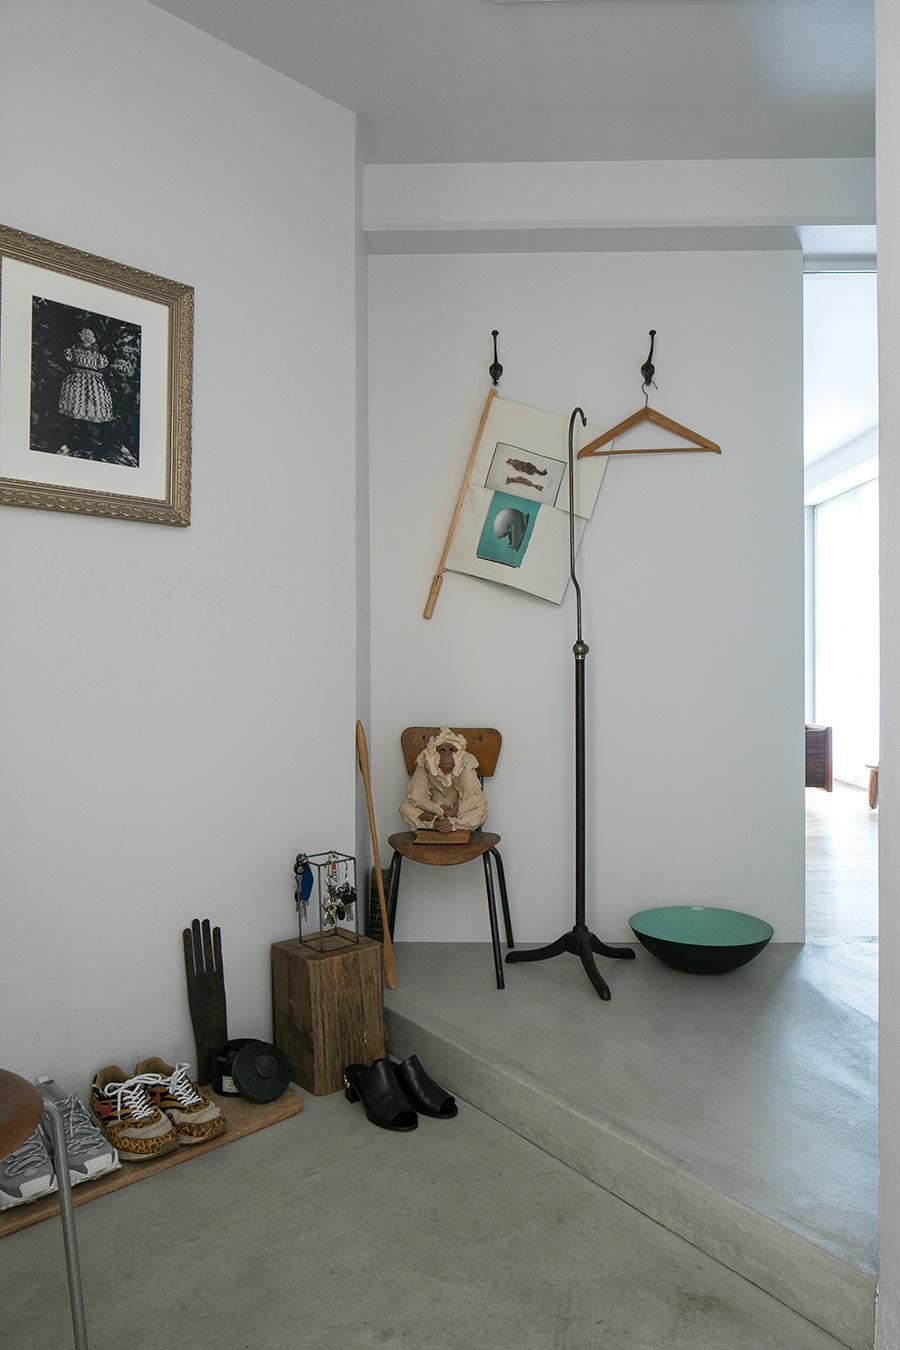 正面の猿のオブジェはステファニー・クエールの作品。「猿が好きなので、気に入ったものを見つけるとどうしても欲しくなってしまいます」